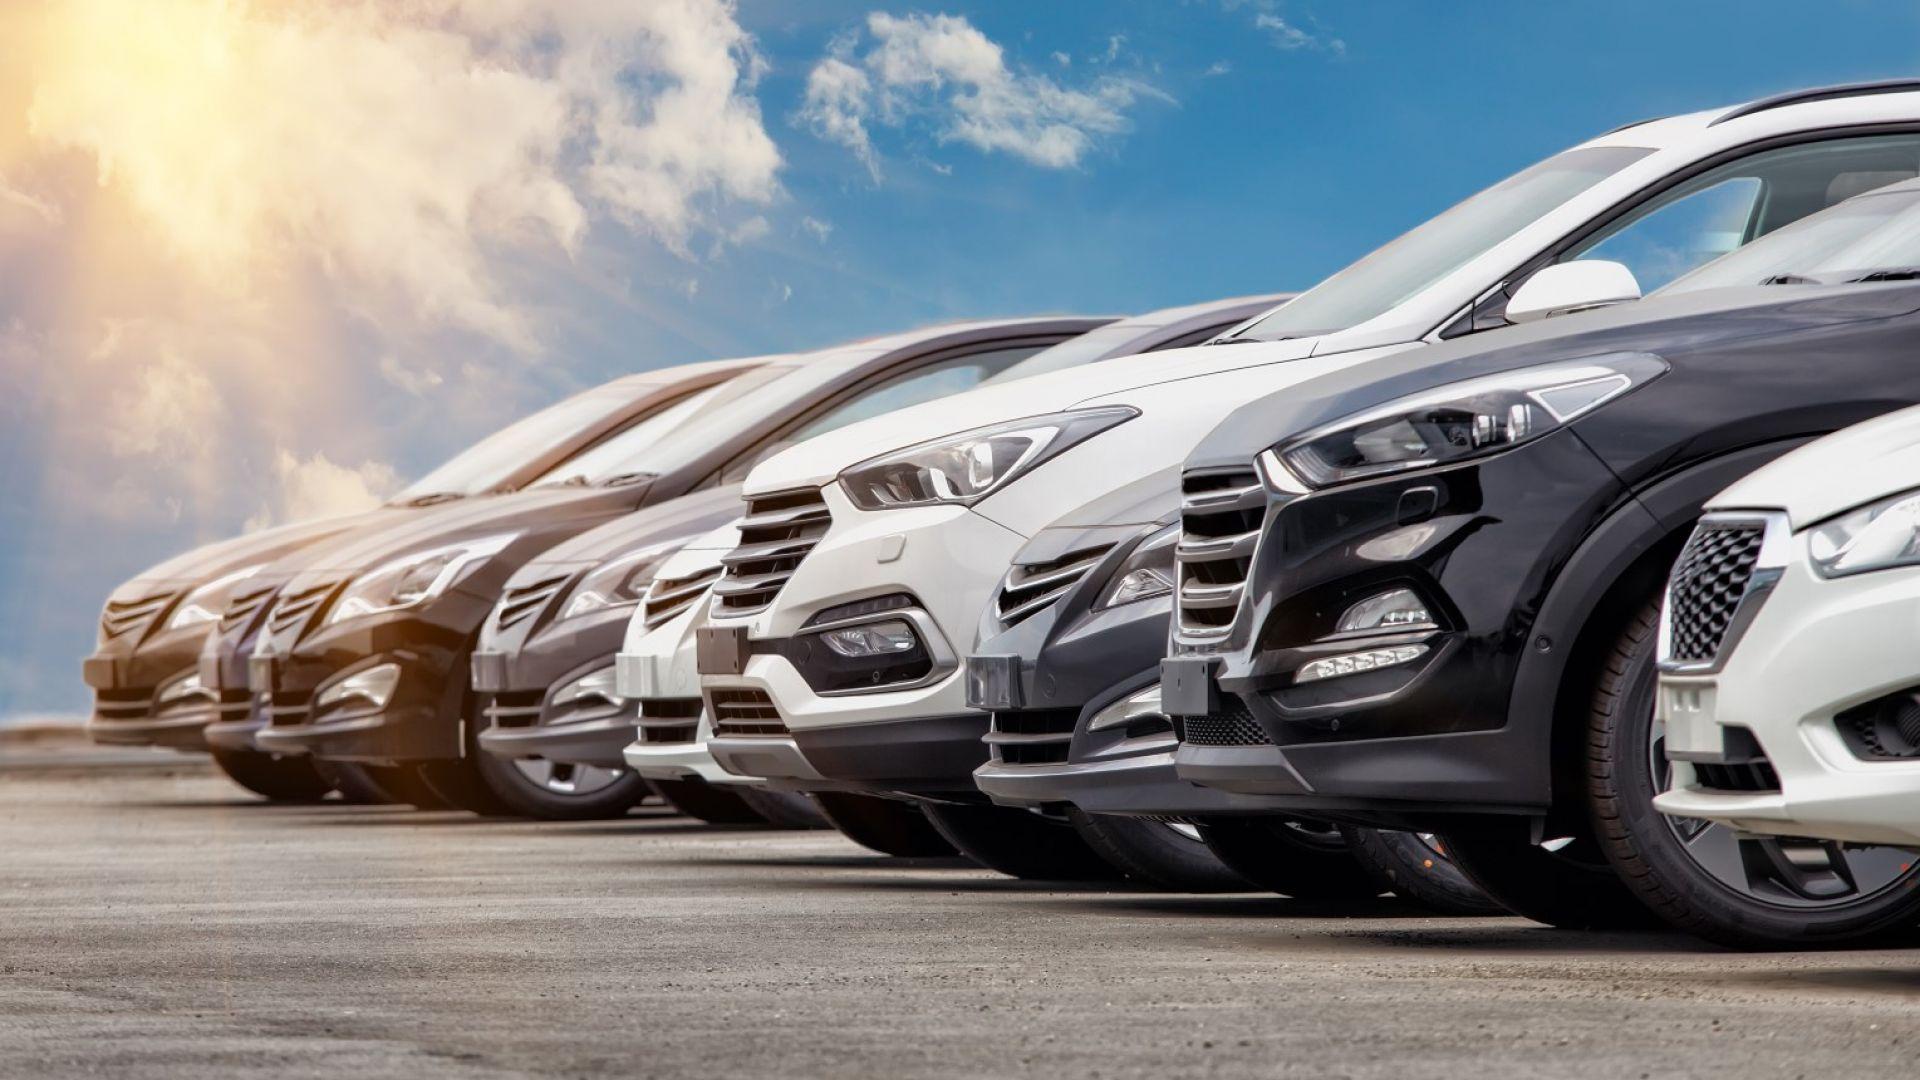 Емисиите на въглероден диоксид от новите коли в ЕС падат с 38% до 2030 г.